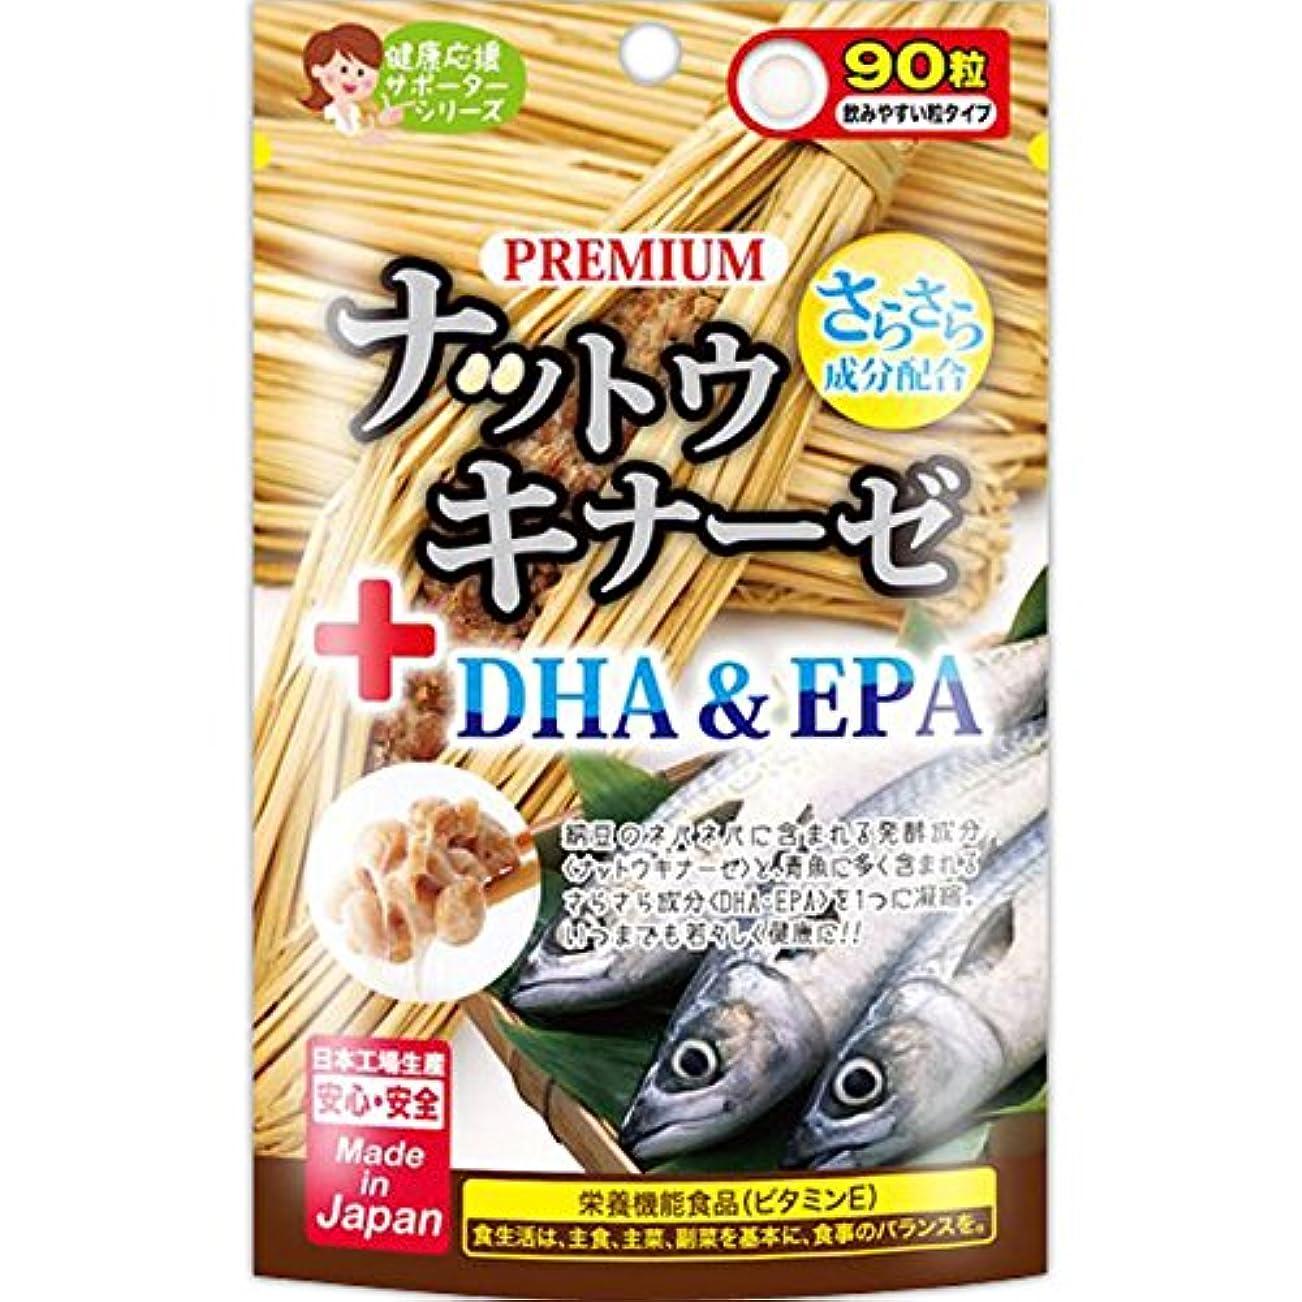 太平洋諸島麻痺ロッジジャパンギャルズ プレミアムナットウキナーゼ+DHA&EPA 90粒×10個セット